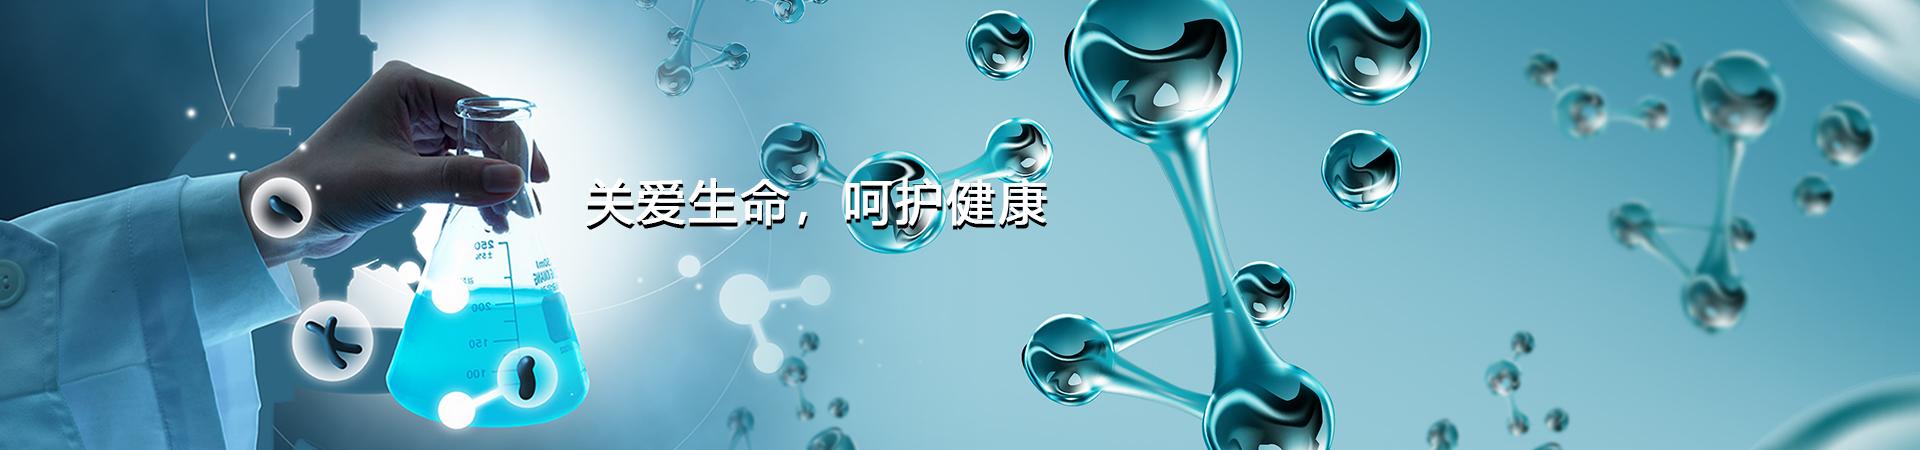 華頤藥業有限公司